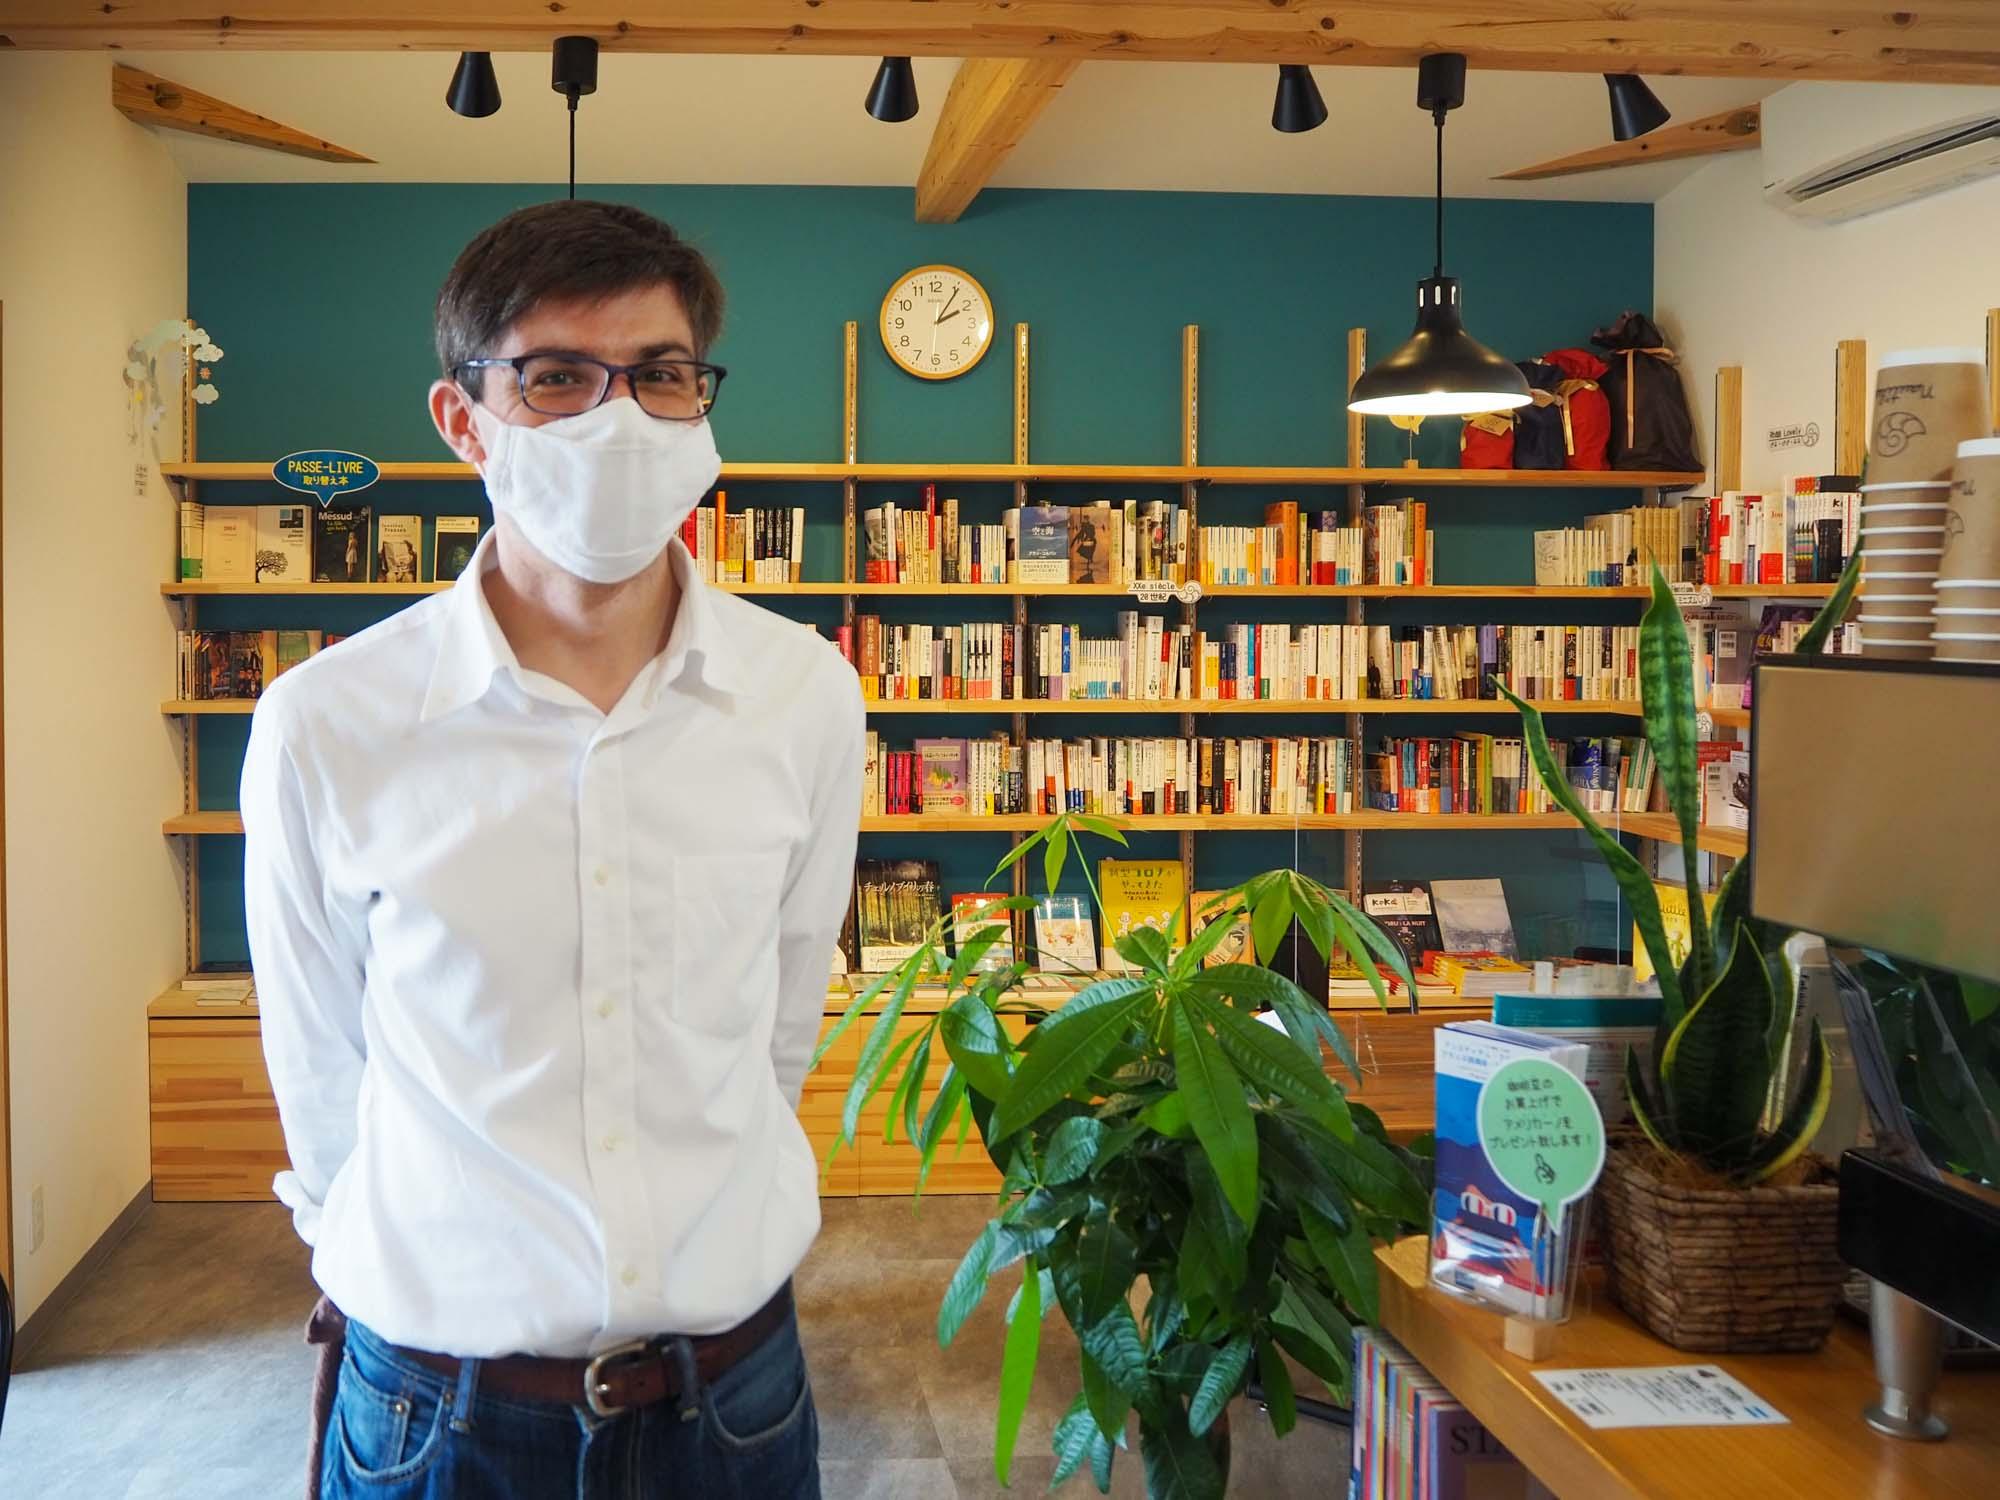 2階に入っているのはブックカフェ「Nautilus(ノティリュス)」。コーヒーの香りが立ち込める店内には、フランス出身の店主ジャンマリ―・プルドンさんが厳選した書籍が並びます。